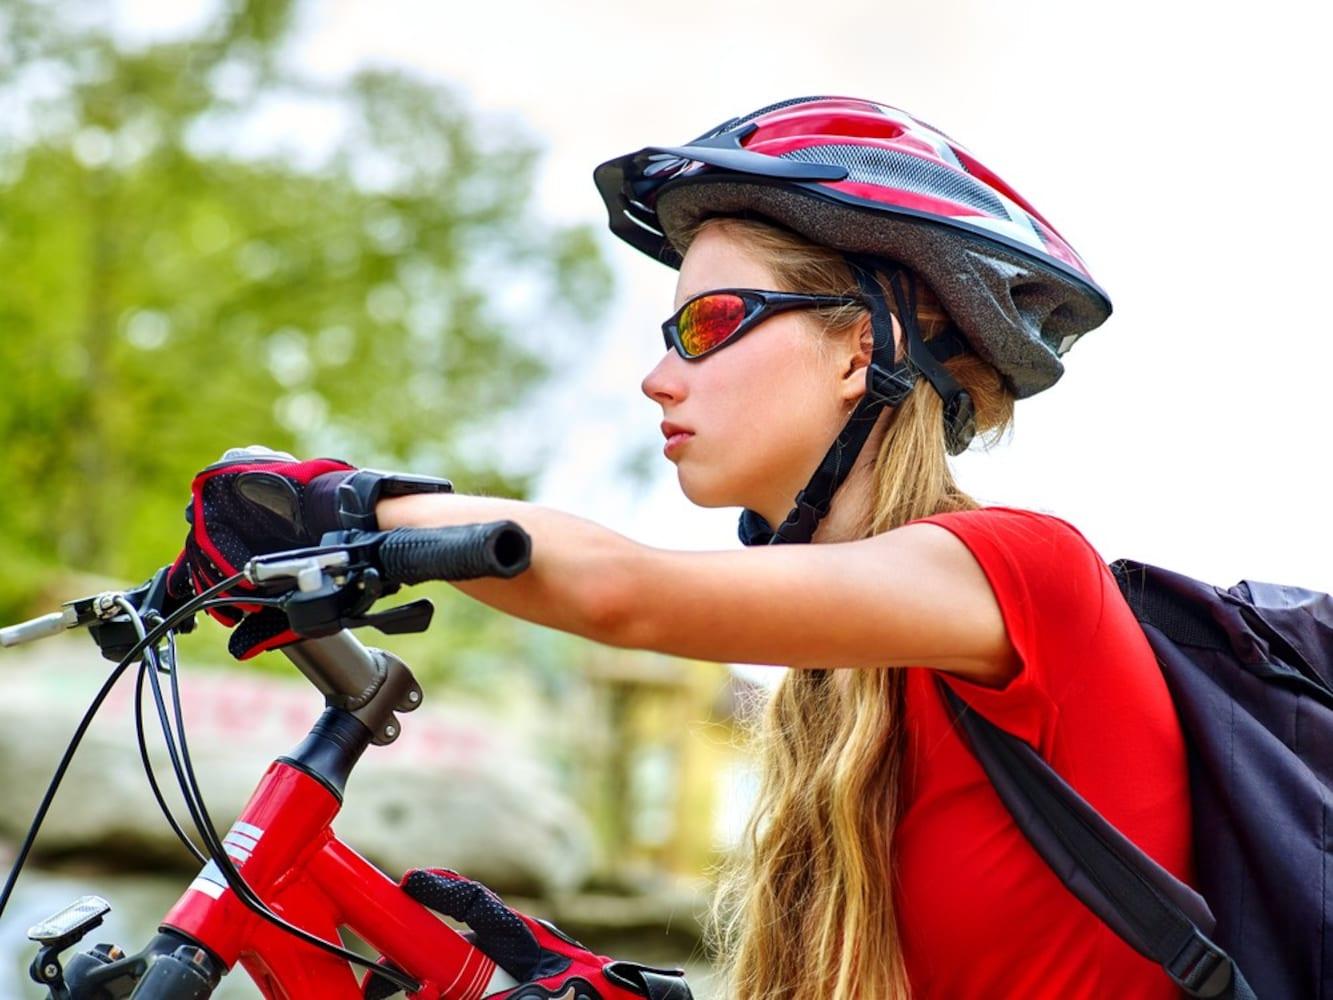 ヘルメットを着用してクロスバイクに乗る女性